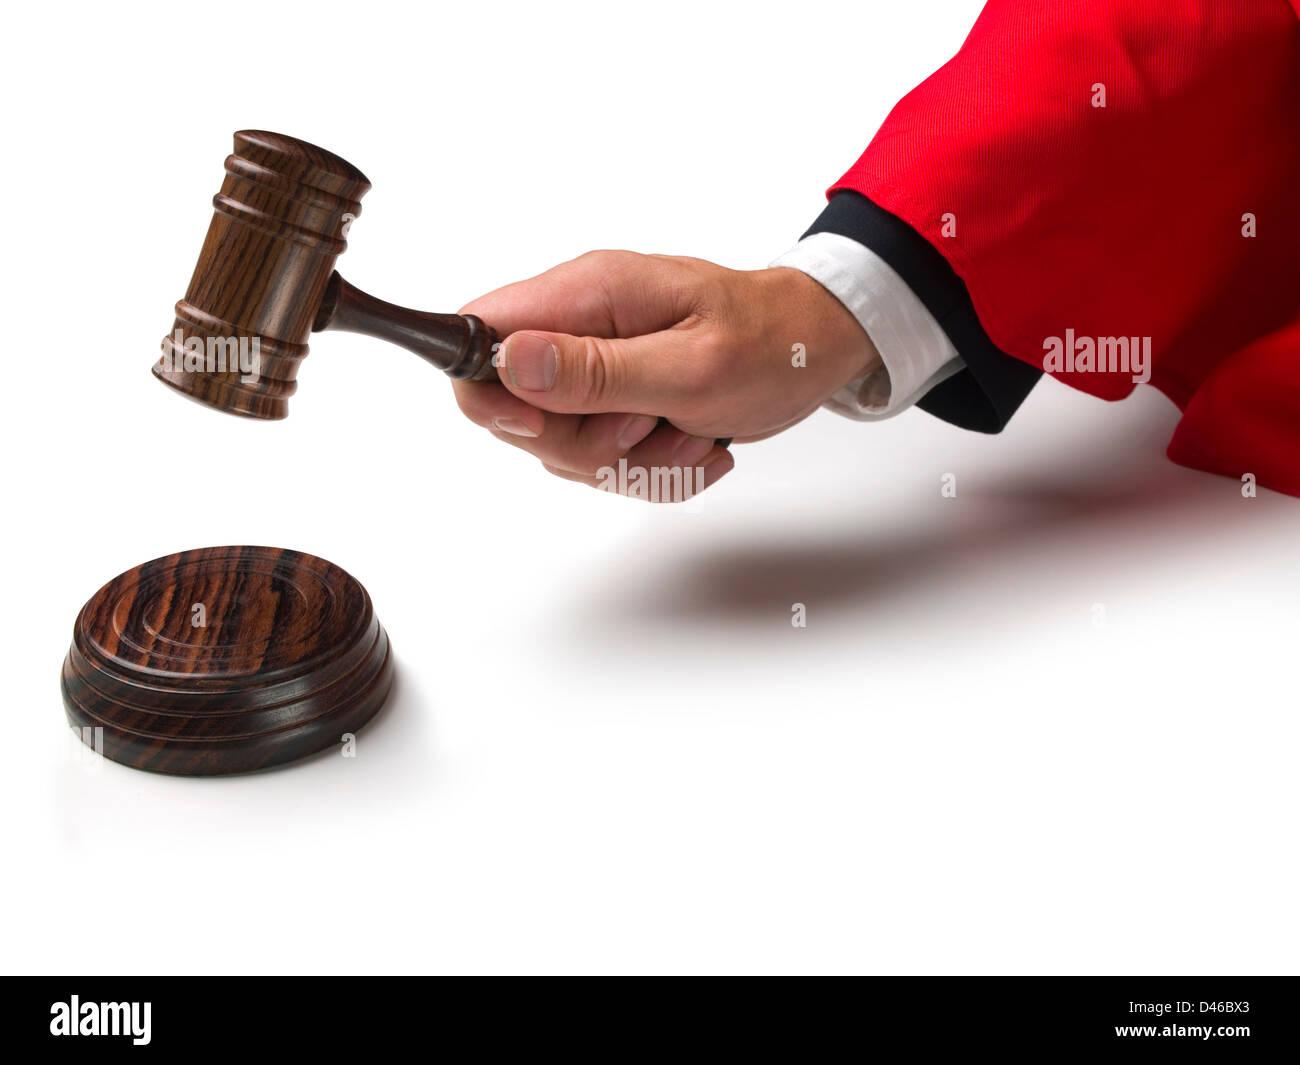 super popular 3e7c3 59ab3 Gesetz-Richter trägt ein rotes Gewand ein Hammers schlagen ...